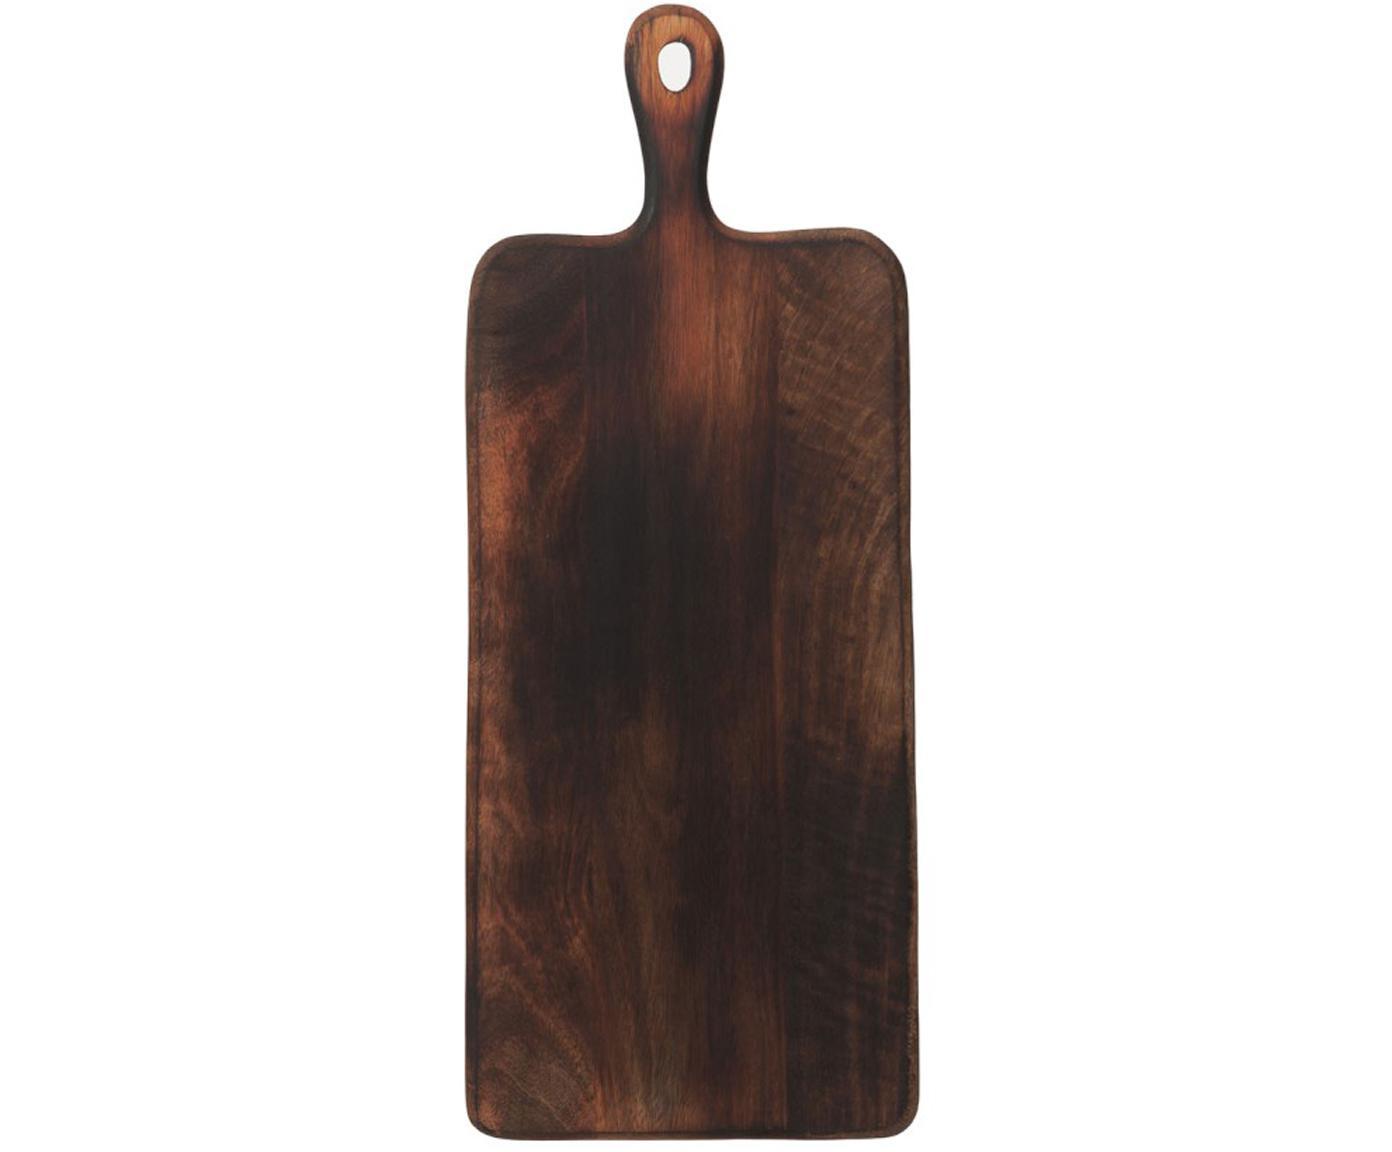 Tagliere in legno di mango Branek, Legno di magno, Marrone scuro, Larg. 50 x Alt. 1 cm